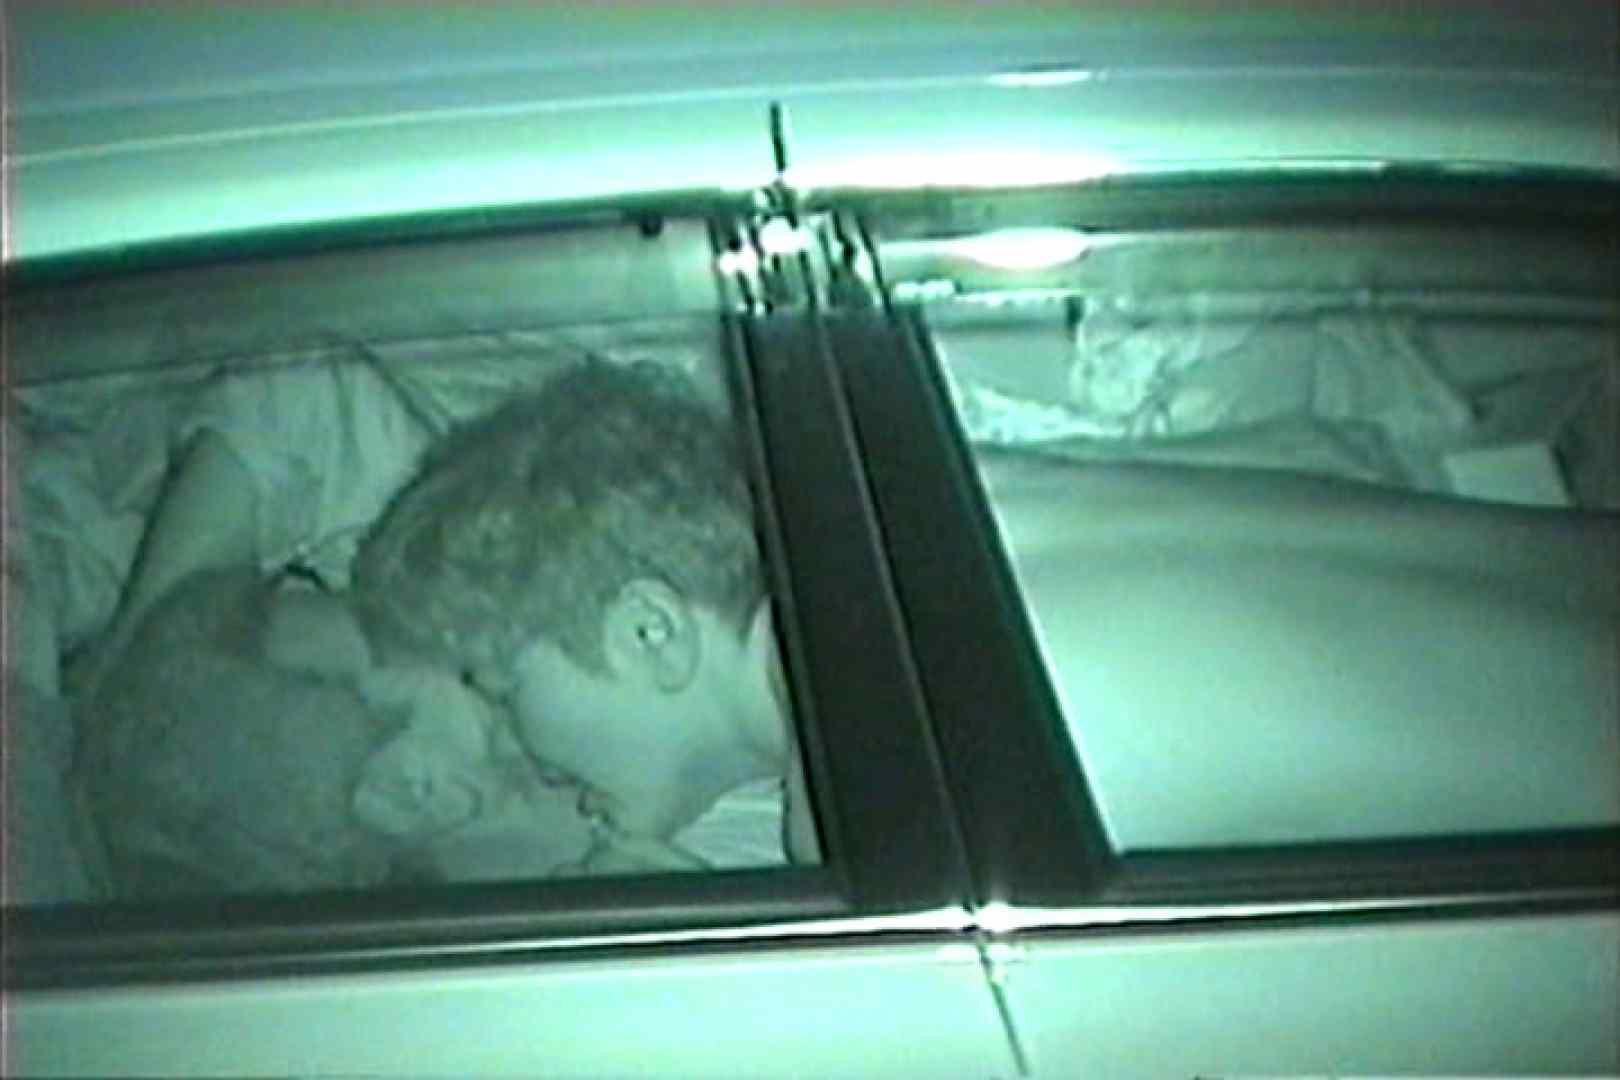 車の中はラブホテル 無修正版  Vol.28 セックス AV動画キャプチャ 99pic 76